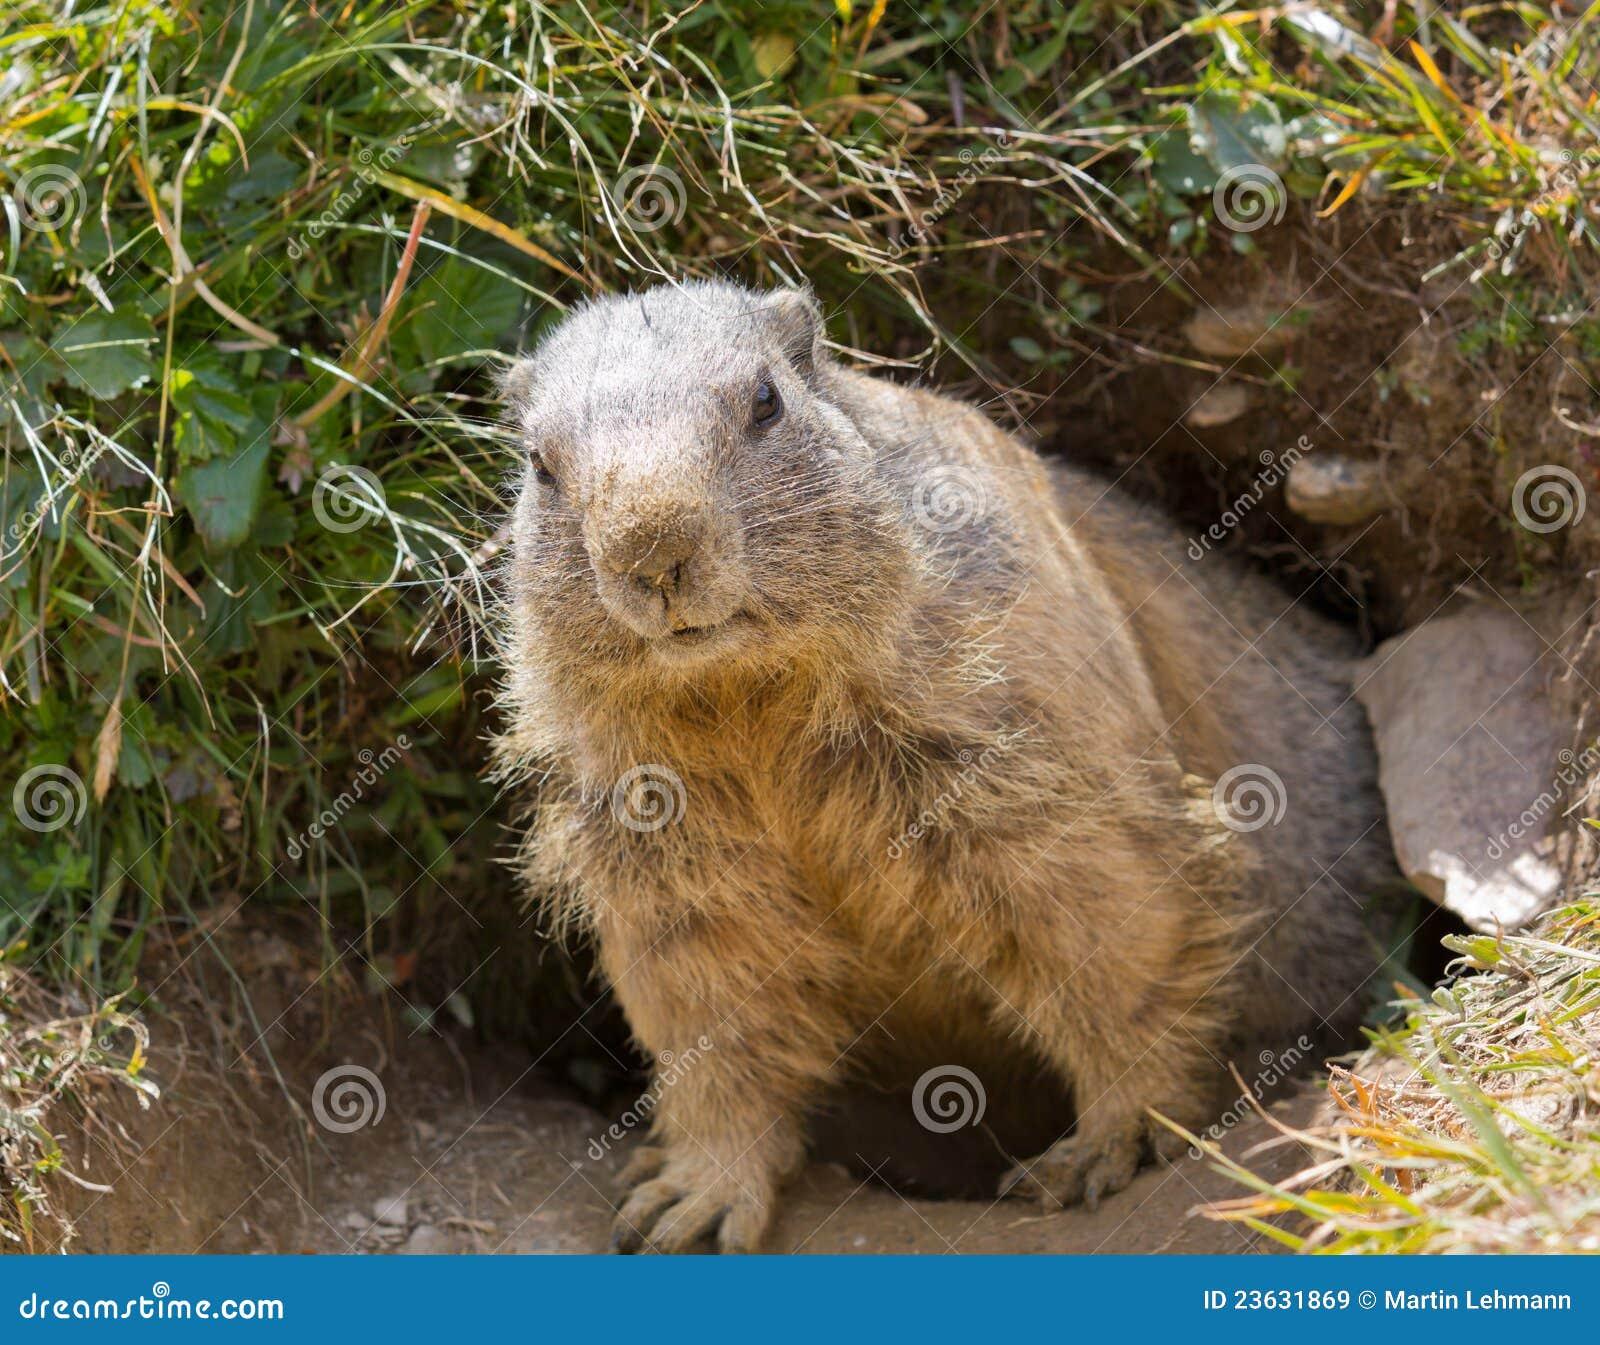 Groundhog in front of den